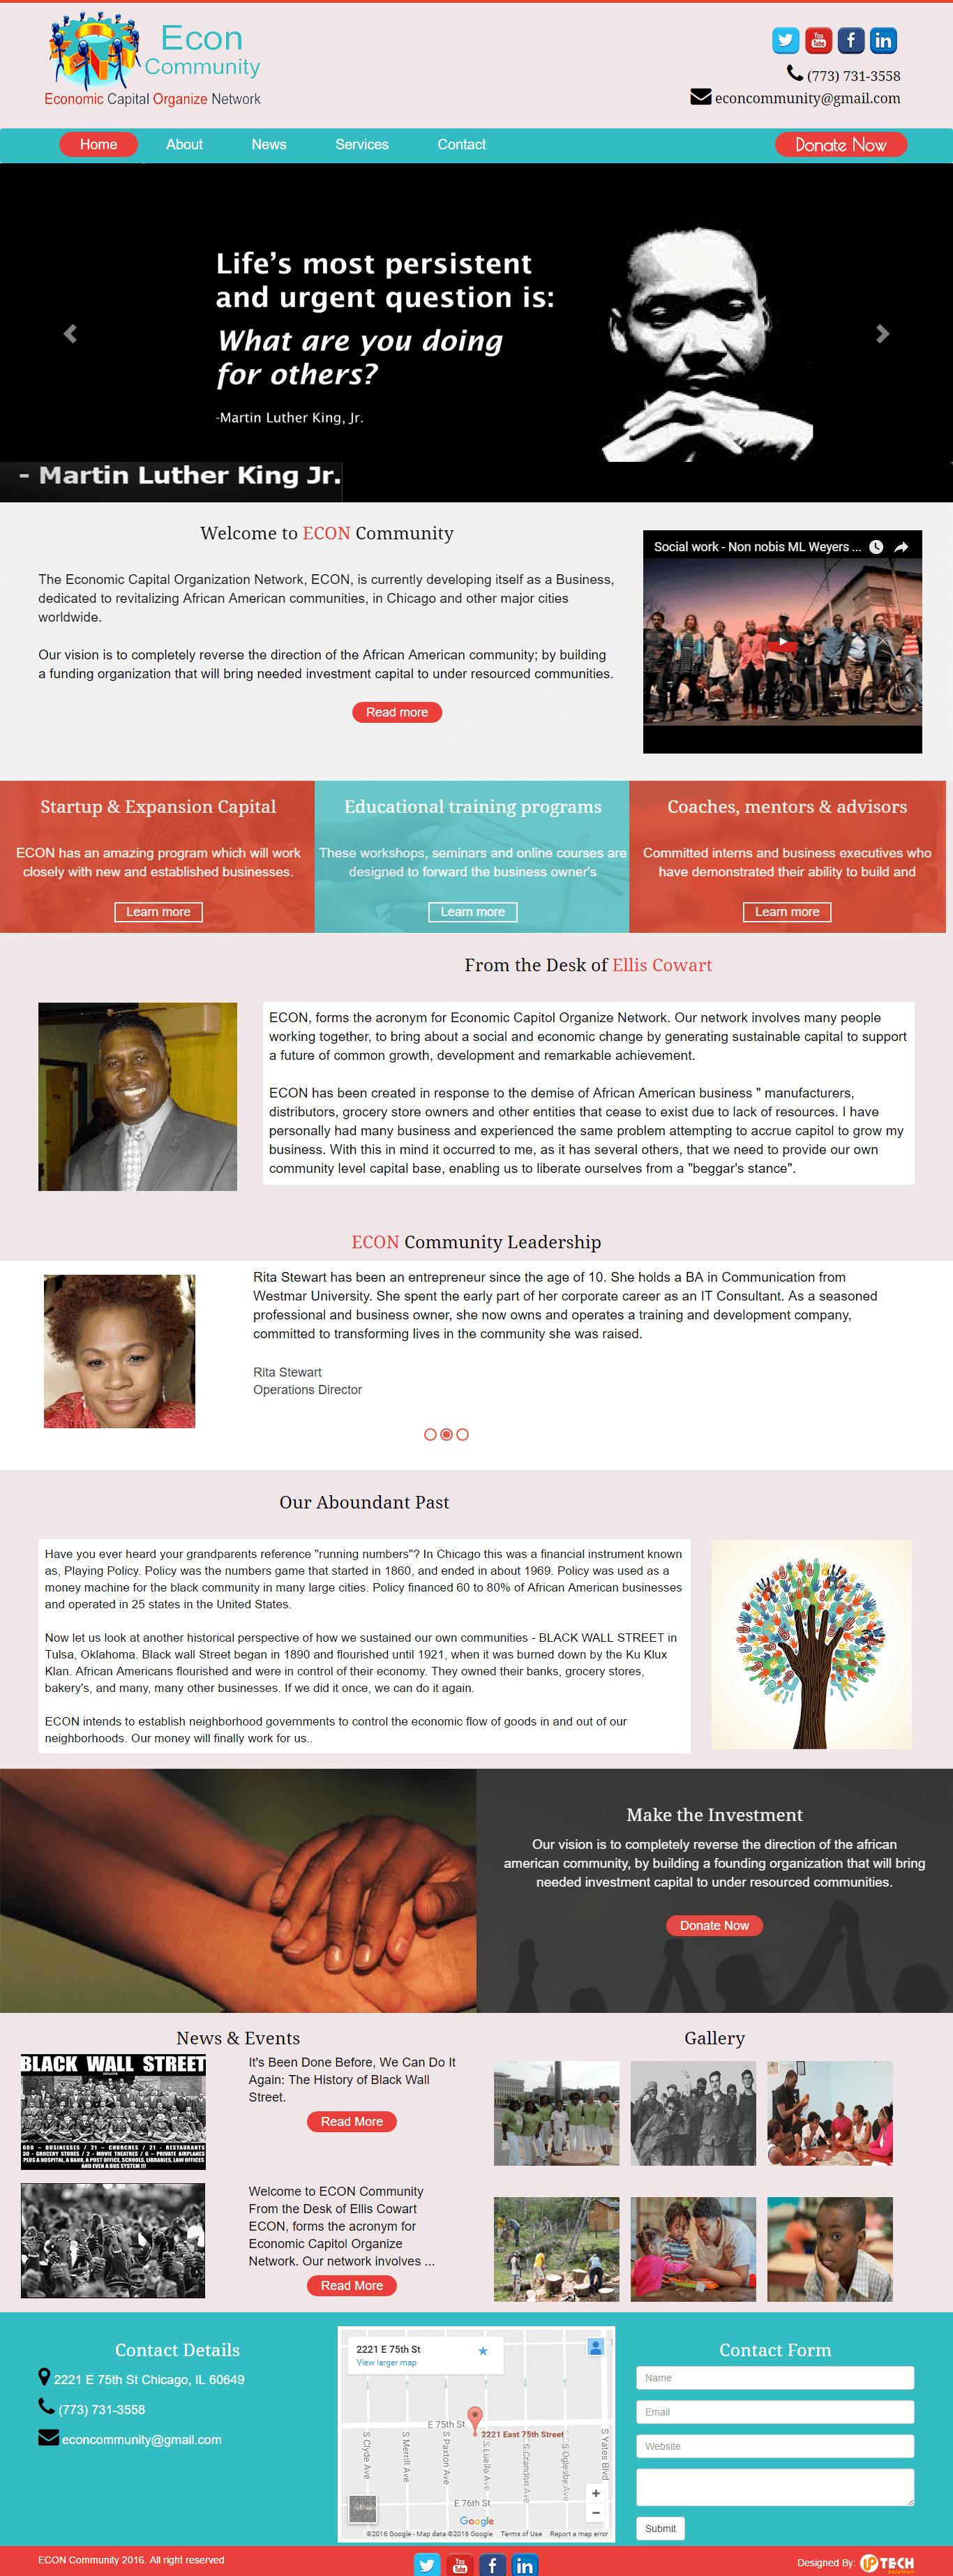 E-con Community